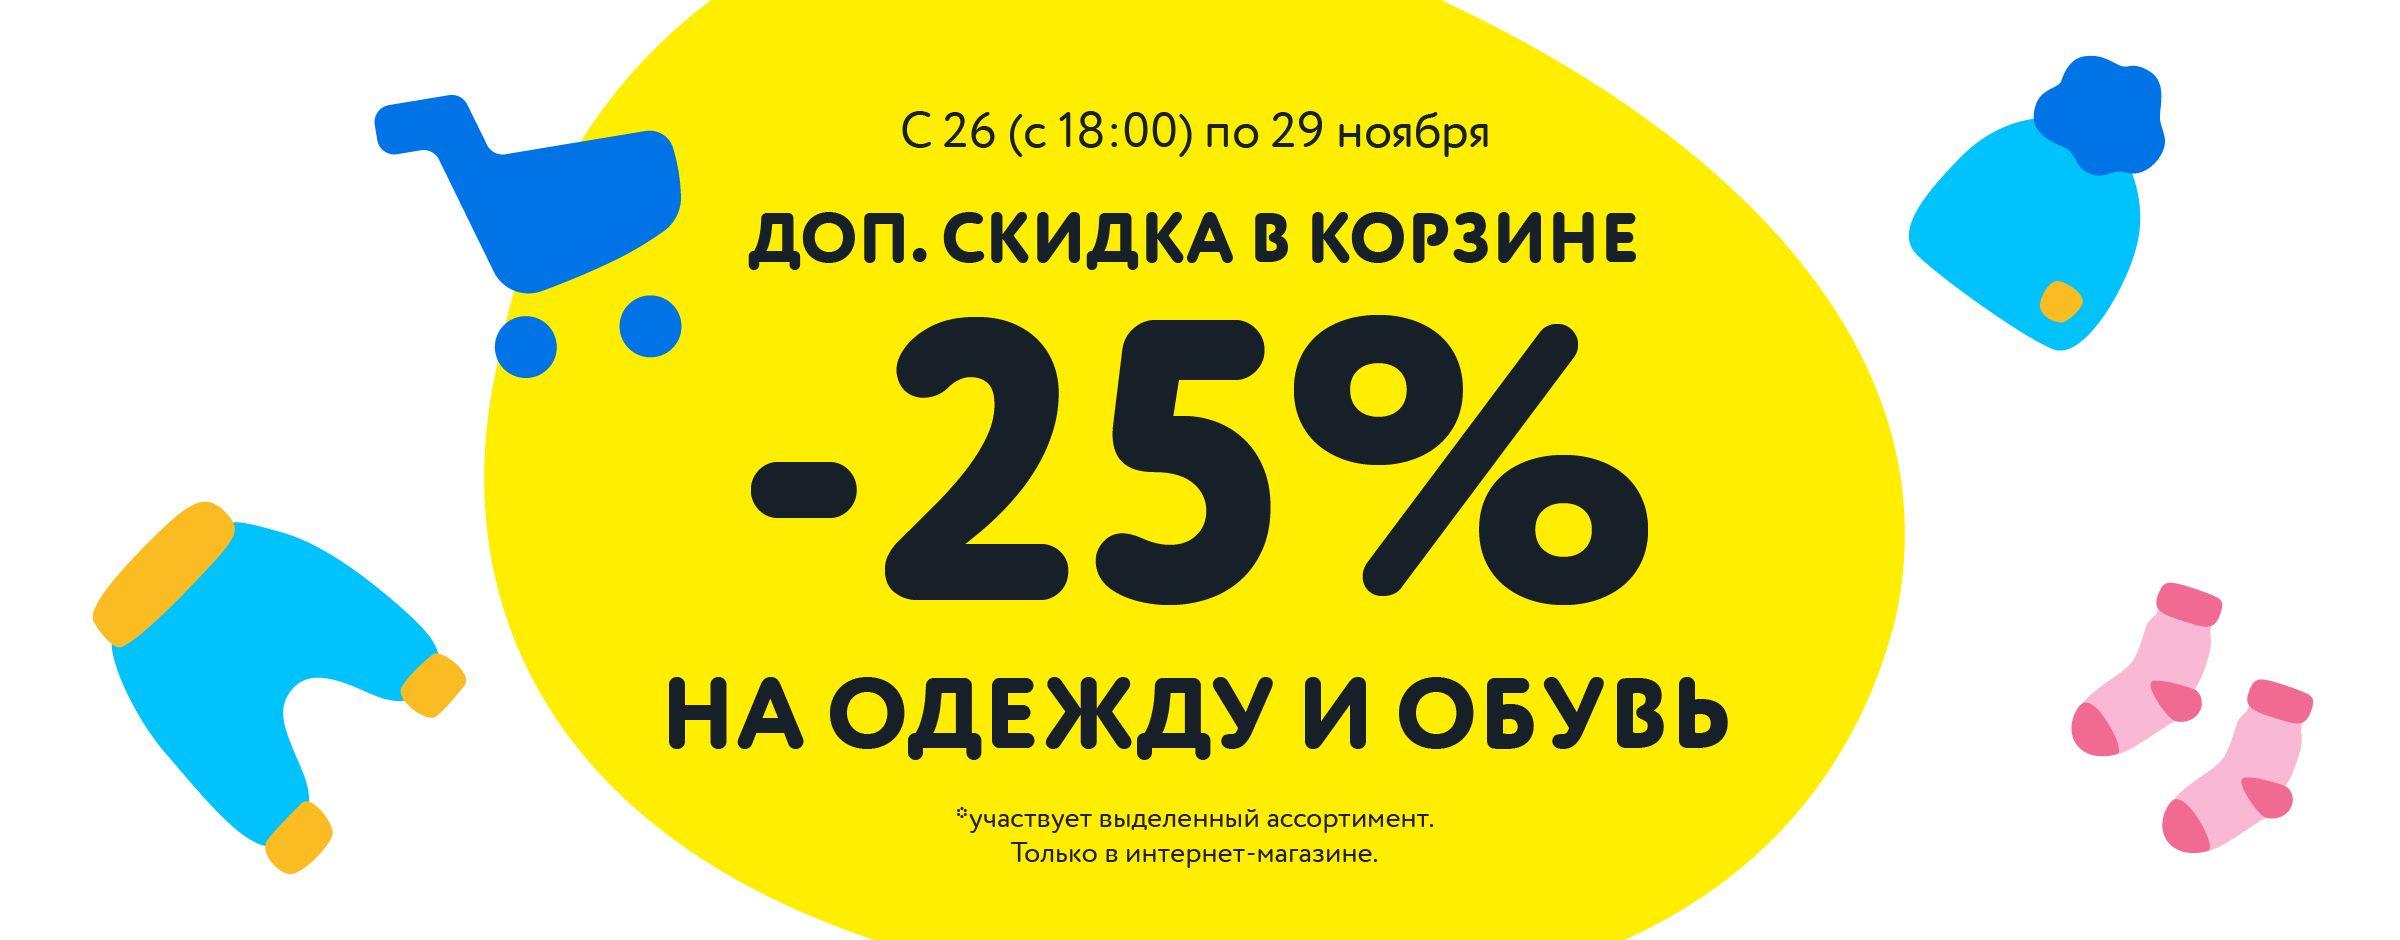 Доп. скидка 25% в корзине на одежду и обувь